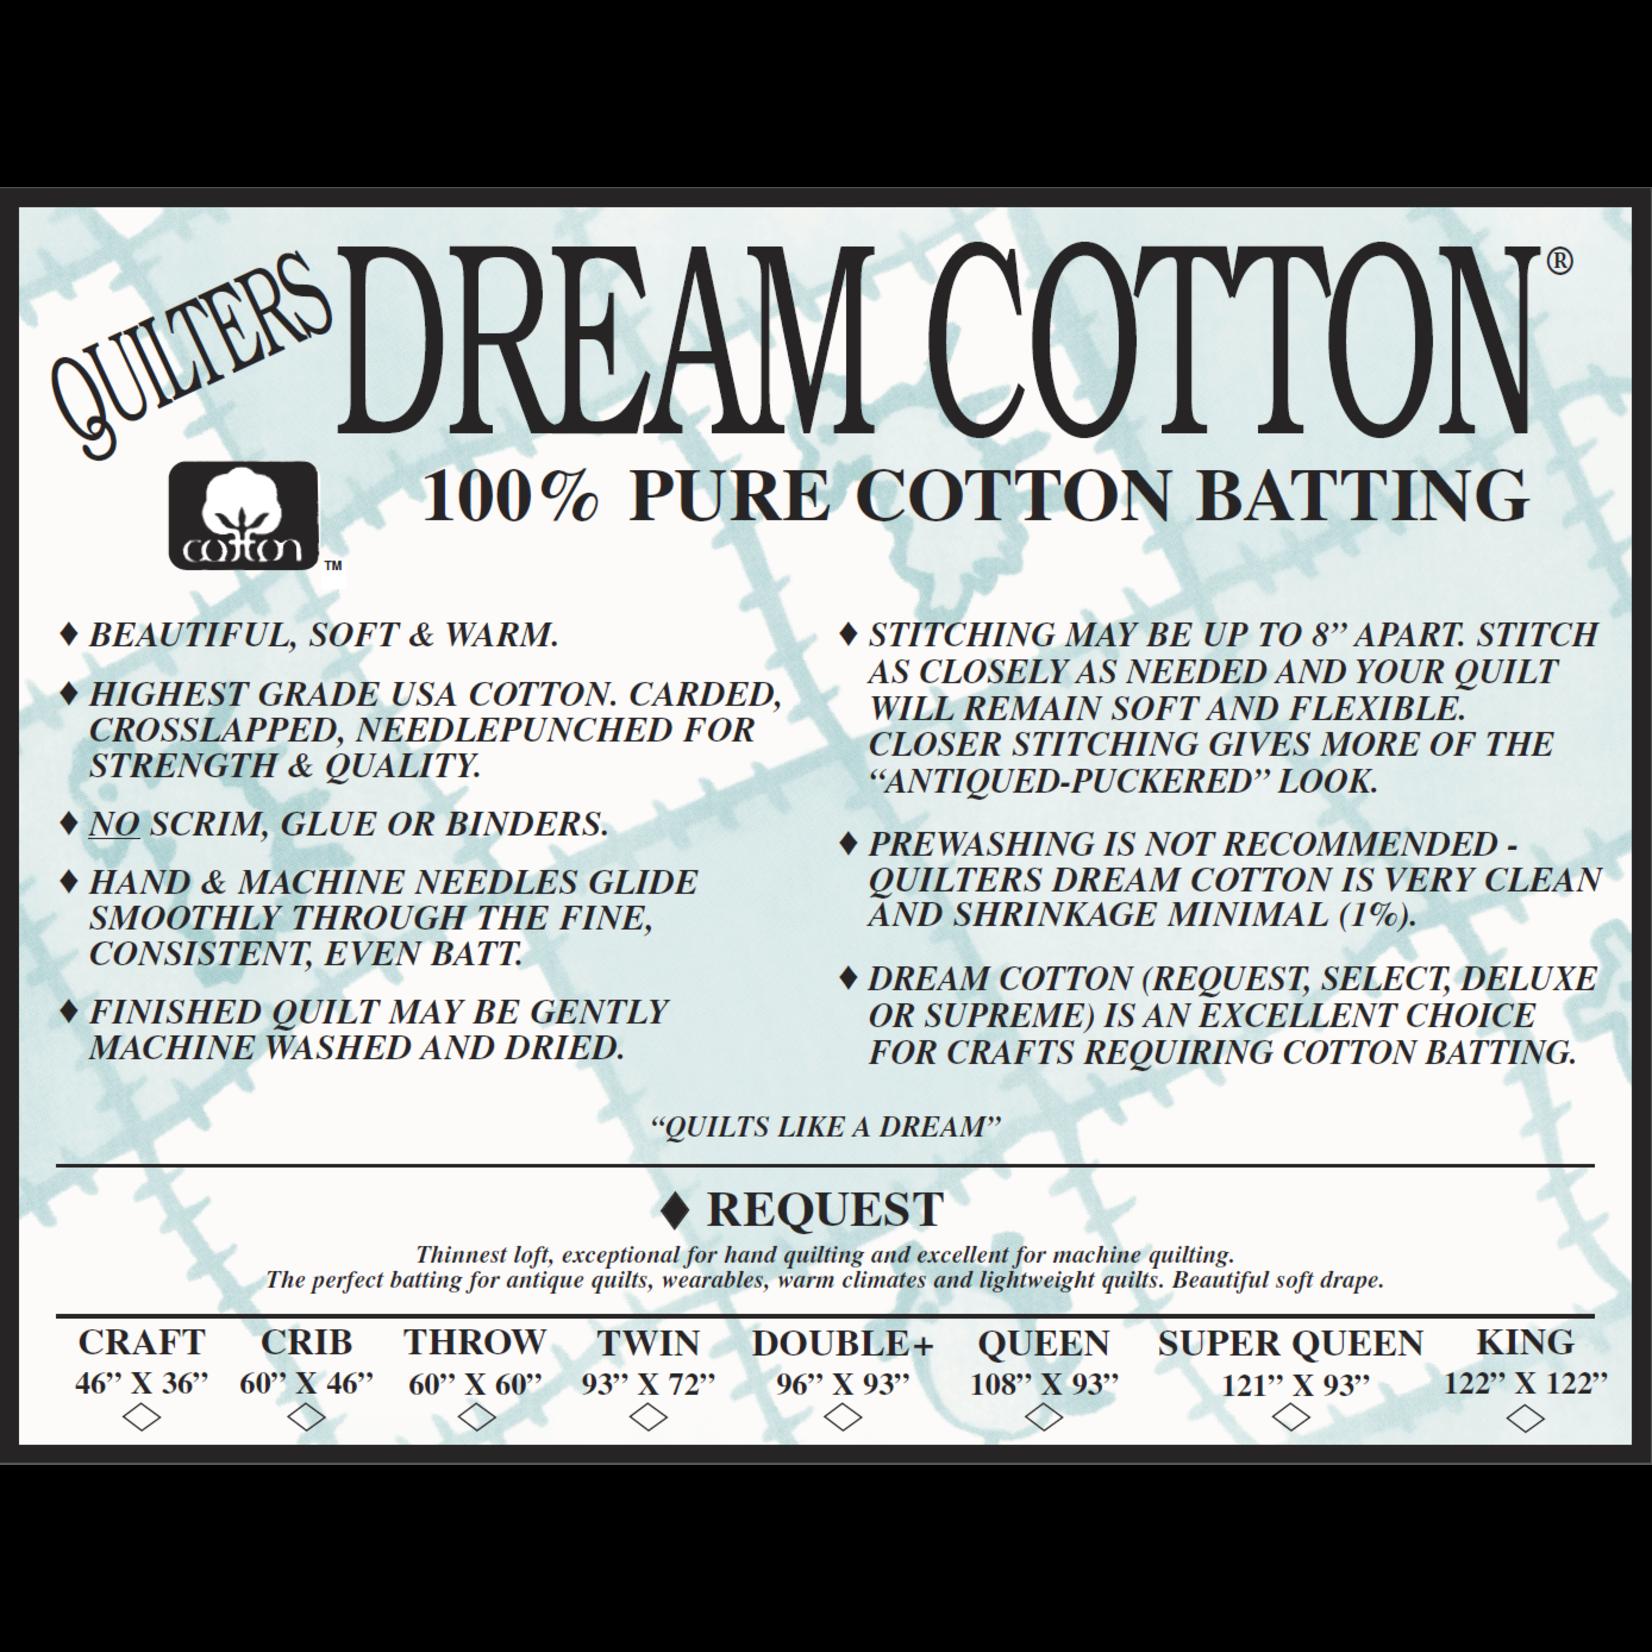 Quilters Dream Katoen - Cotton Request - 310 cm x 310 cm King